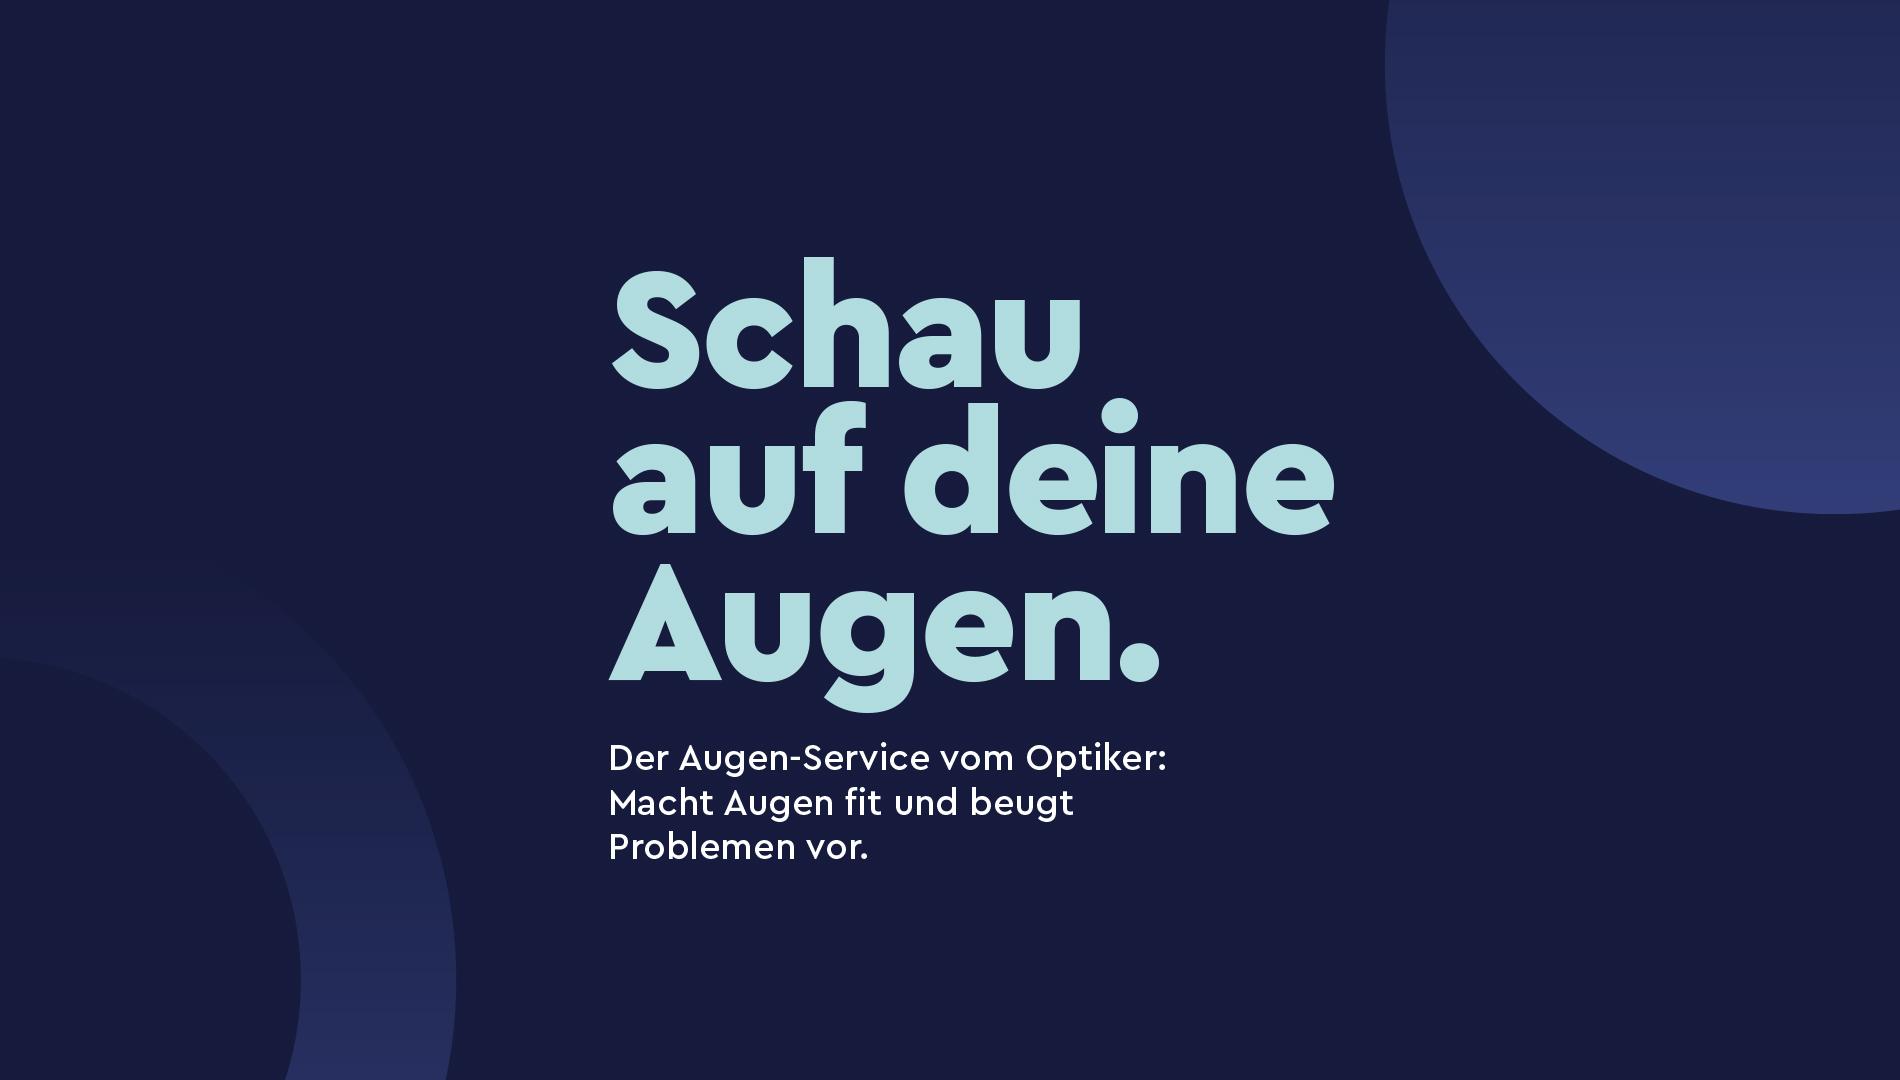 tearstim-djw_bild_quer_schau_auf_deine_augen